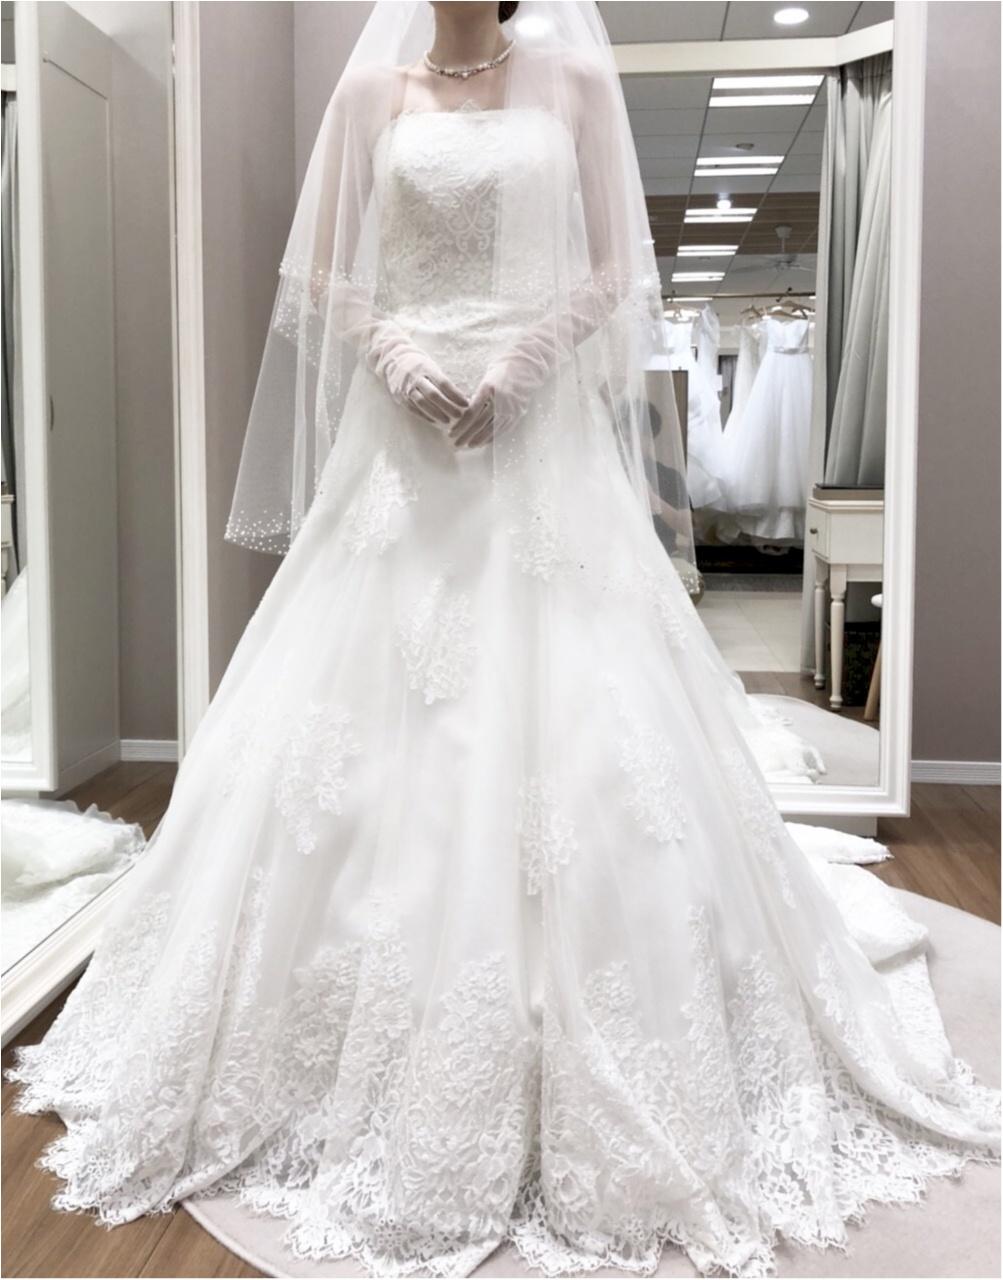 卒花さんに聞く【ドレス特集】-  結婚式・二次会におすすめ! プレ花嫁さんに人気のおしゃれなウェディングドレスは?_44